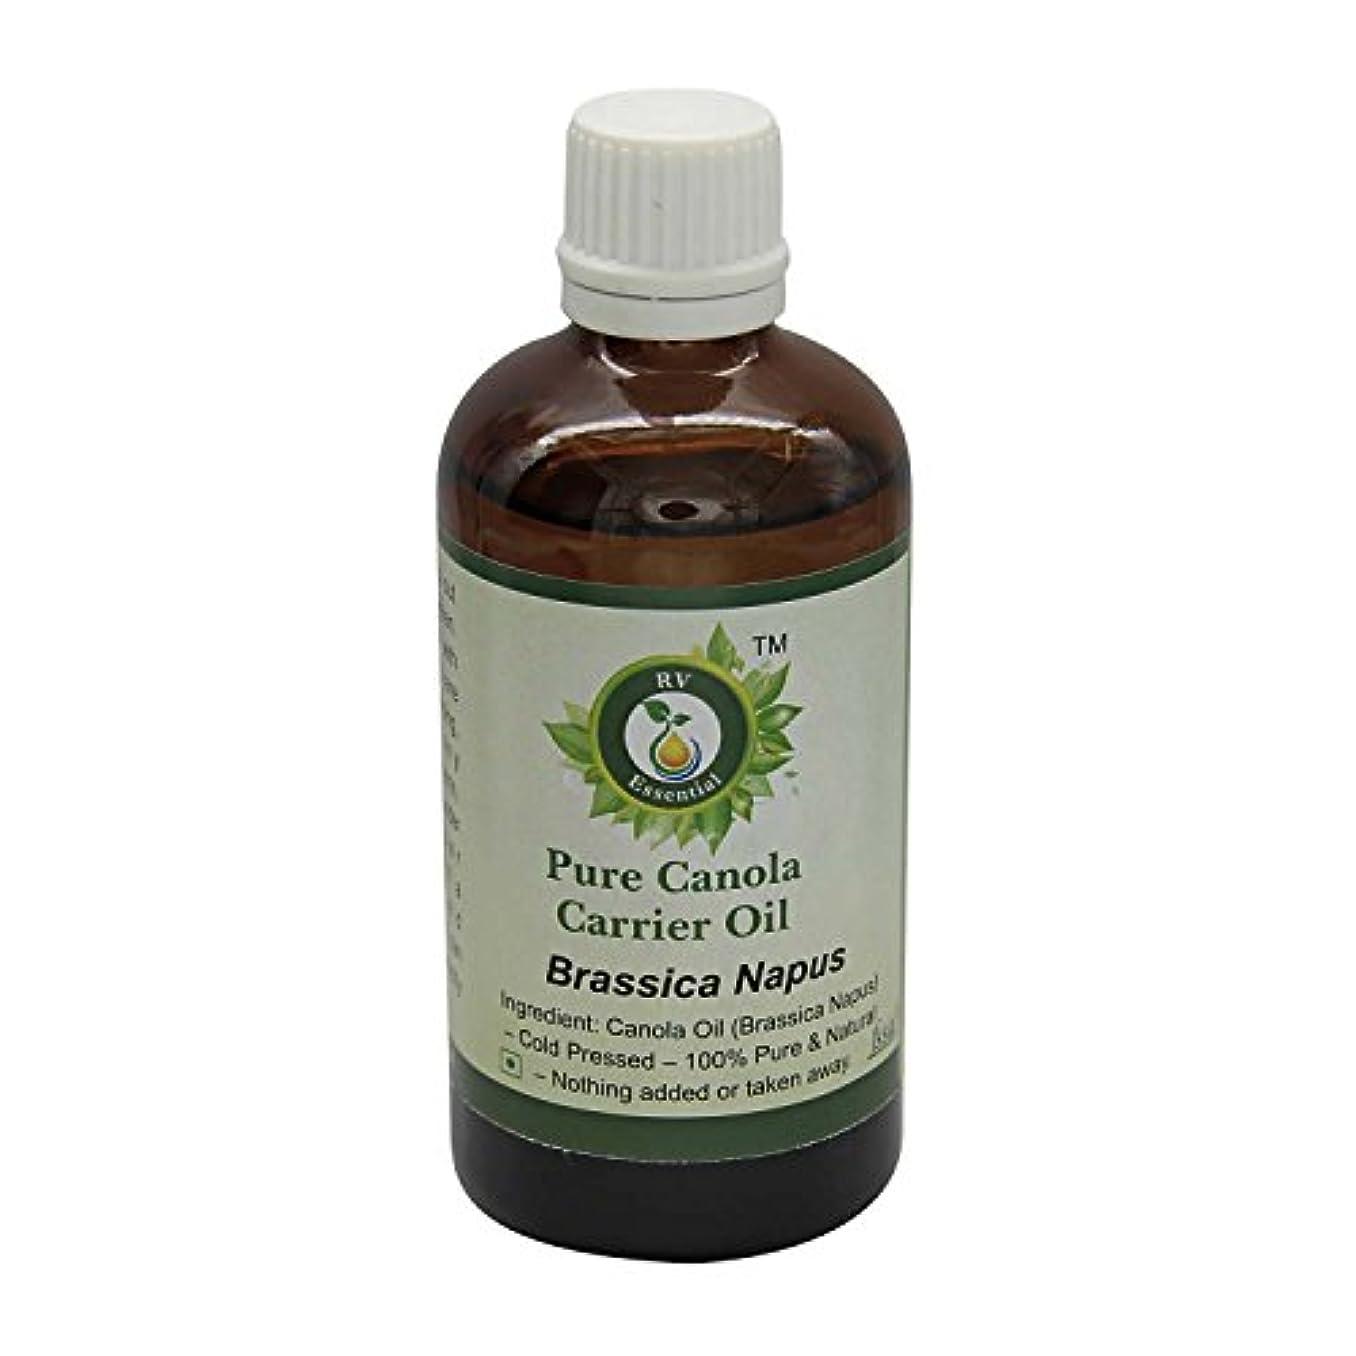 インフラ征服者登録R V Essential 純粋なキャノーラキャリアオイル10ml (0.338oz)- Brassica Napus (100%ピュア&ナチュラルコールドPressed) Pure Canola Carrier Oil